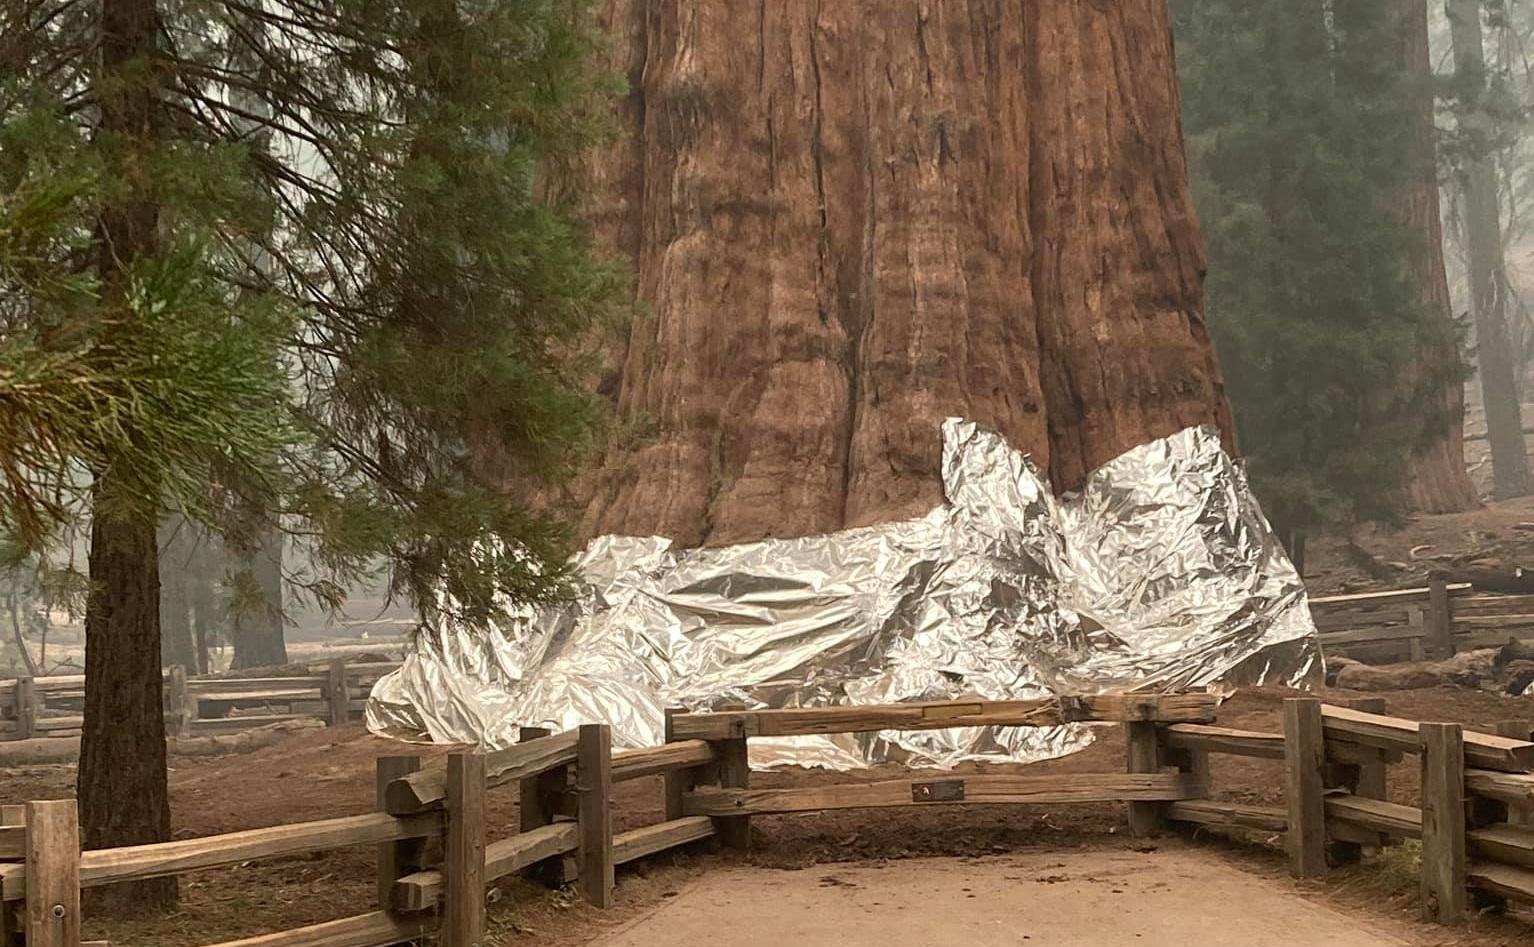 Tűzálló alumínium takaróval védik az erdőtűztől a világ legnagyobb fáját